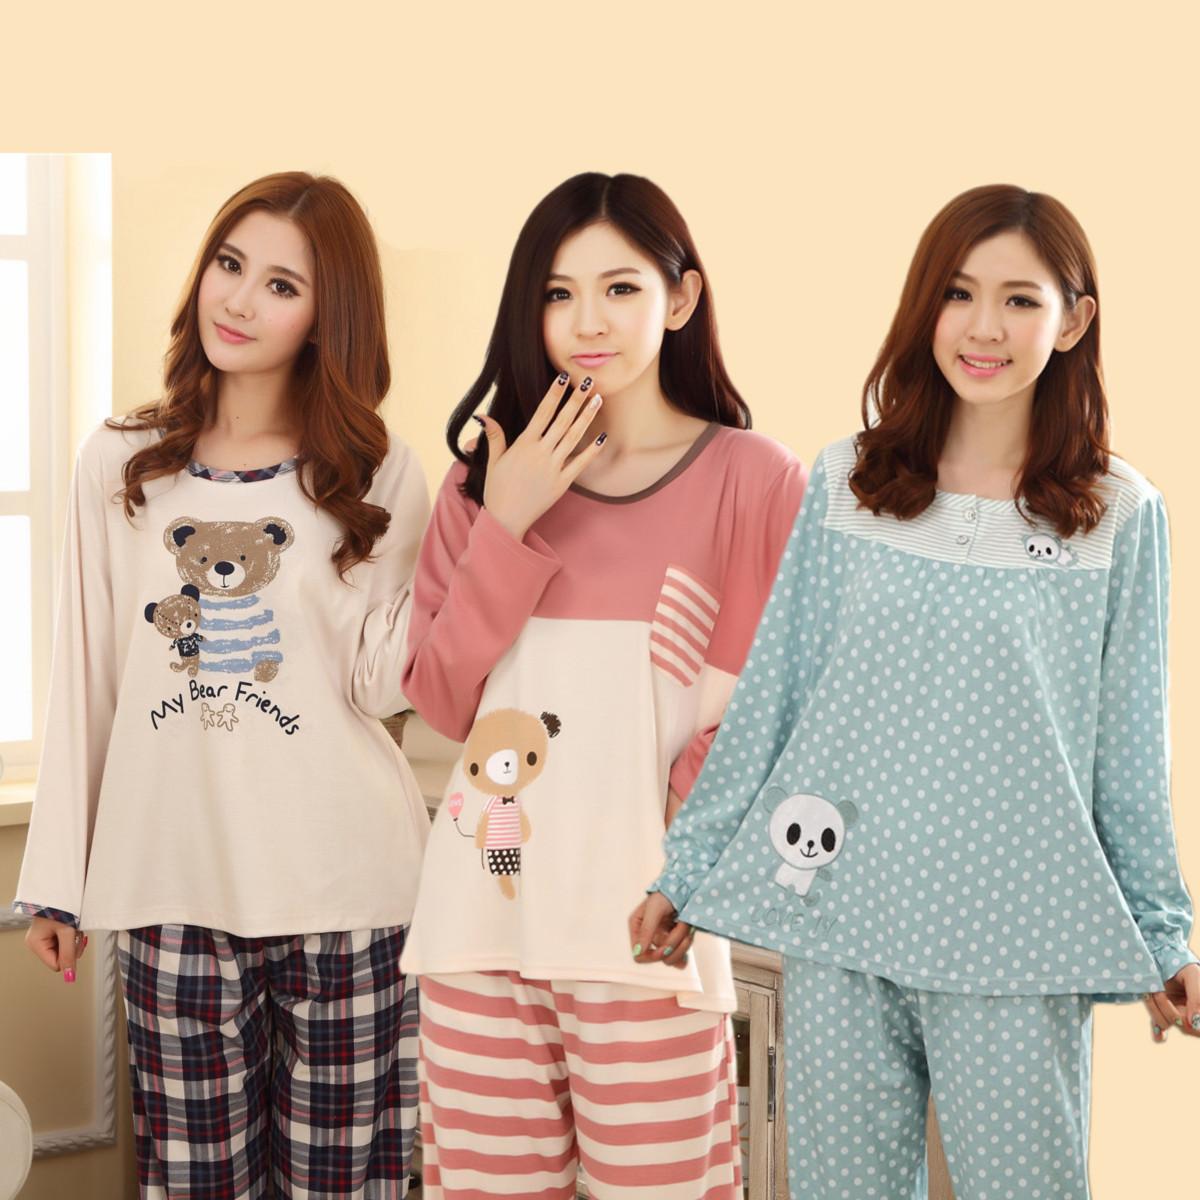 Пижама Женщина осень хлопок пижамы женщин в длинный рукав хлопок костюм милые одежды плюс размер хлопка осенью shuiyi осень